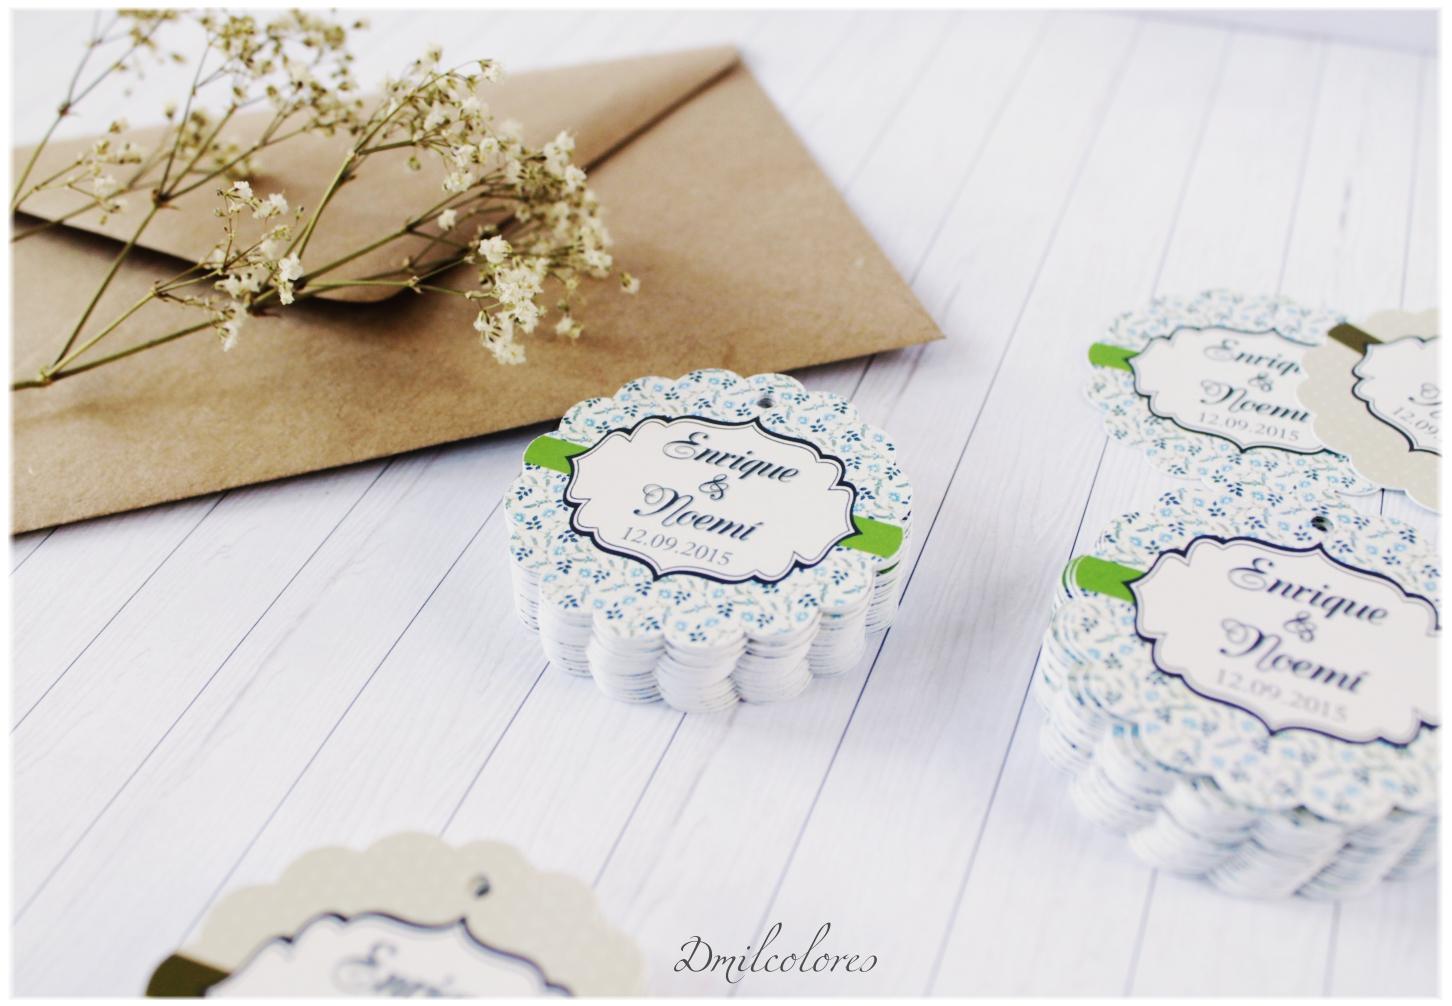 Dmilcolores detalles originales y alfileres de novia - Regalos de muebles gratis ...